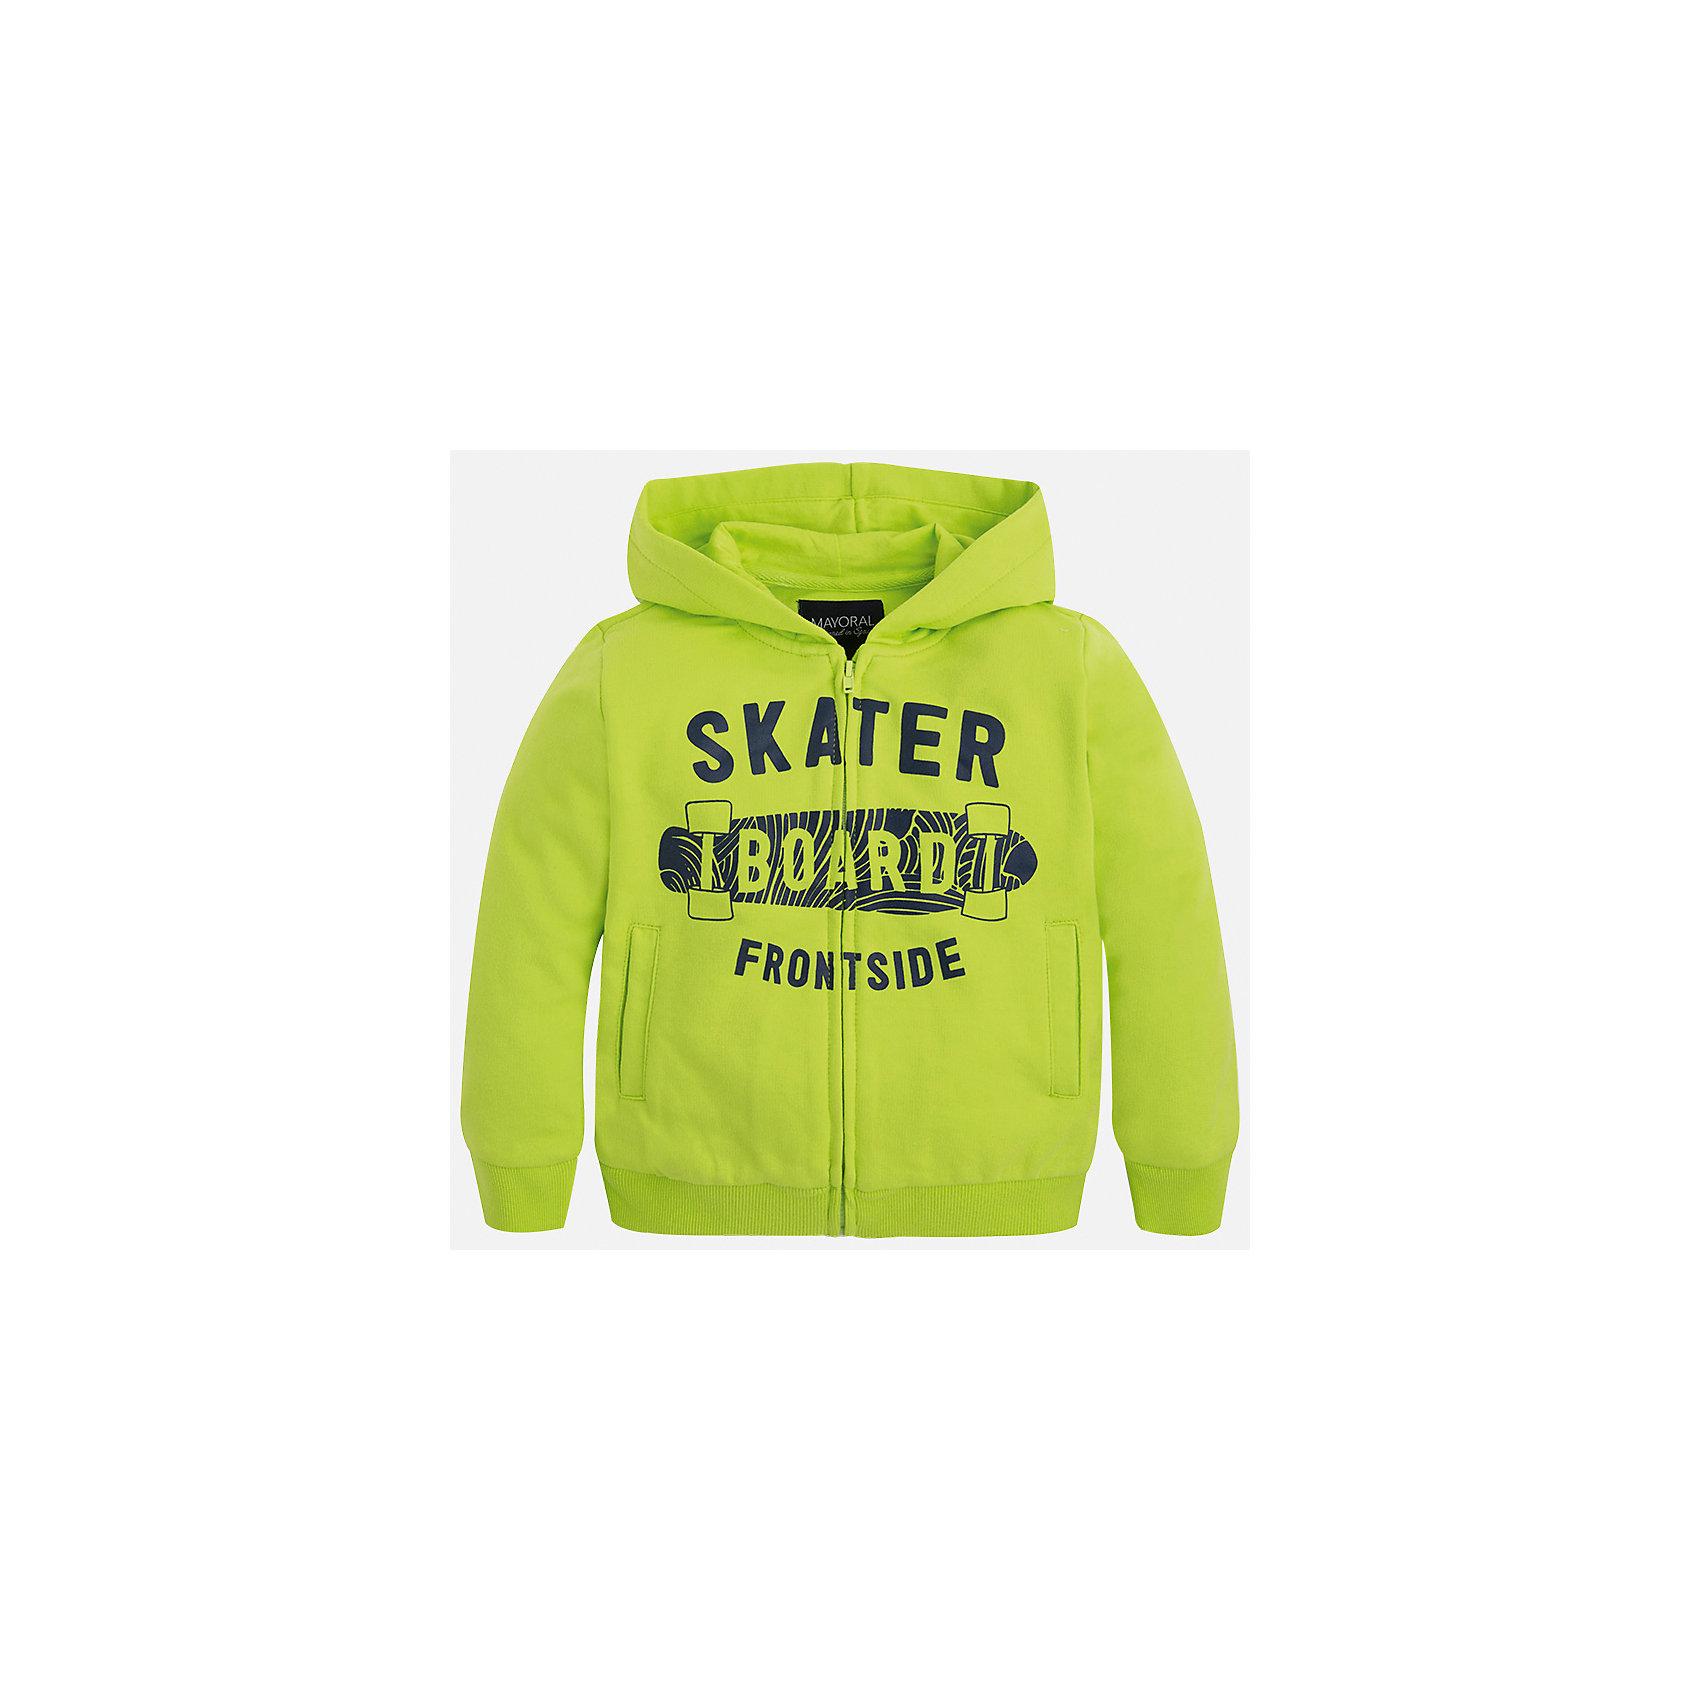 Куртка для мальчика MayoralХарактеристики товара:<br><br>• цвет: зеленый<br>• состав: 60% хлопок, 40% полиэстер<br>• декорирована принтом<br>• манжеты<br>• молния<br>• капюшон<br>• страна бренда: Испания<br><br>Легкая толстовка для мальчика поможет разнообразить гардероб ребенка и обеспечить тепло в прохладную погоду. Она отлично сочетается и с джинсами, и с брюками. Универсальный цвет позволяет подобрать к вещи низ различных расцветок. Интересная отделка модели делает её нарядной и оригинальной. В составе материала - натуральный хлопок, гипоаллергенный, приятный на ощупь, дышащий.<br><br>Одежда, обувь и аксессуары от испанского бренда Mayoral полюбились детям и взрослым по всему миру. Модели этой марки - стильные и удобные. Для их производства используются только безопасные, качественные материалы и фурнитура. Порадуйте ребенка модными и красивыми вещами от Mayoral! <br><br>Толстовку для мальчика от испанского бренда Mayoral (Майорал) можно купить в нашем интернет-магазине.<br><br>Ширина мм: 356<br>Глубина мм: 10<br>Высота мм: 245<br>Вес г: 519<br>Цвет: зеленый<br>Возраст от месяцев: 24<br>Возраст до месяцев: 36<br>Пол: Мужской<br>Возраст: Детский<br>Размер: 98,92,116,122,134,128,110,104<br>SKU: 5280630